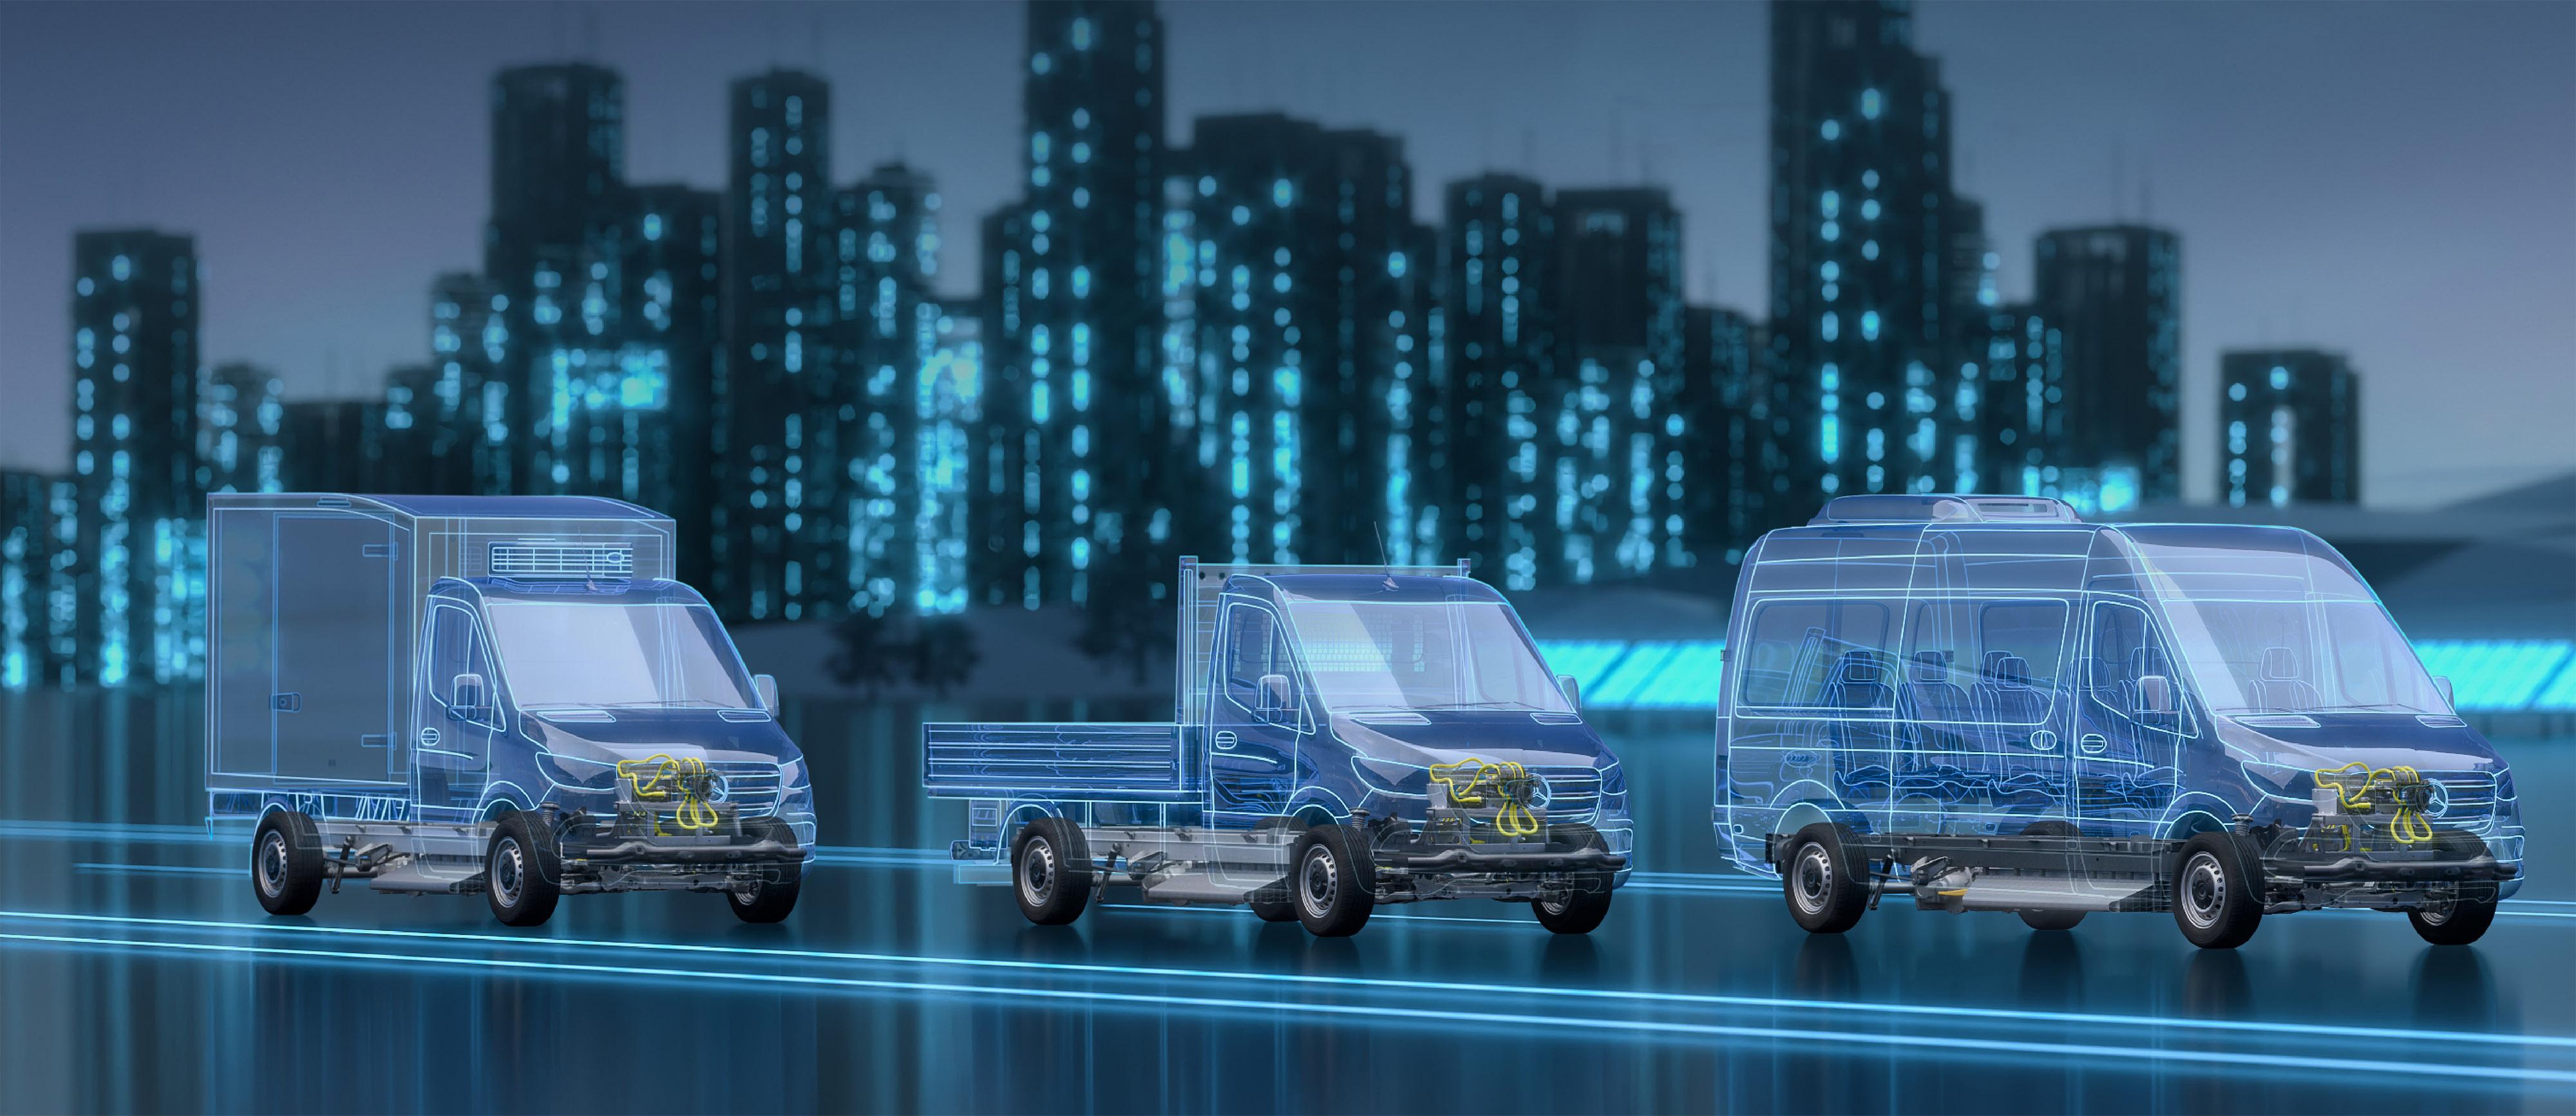 Ny plattform för nästa generations eldrivna Sprinter